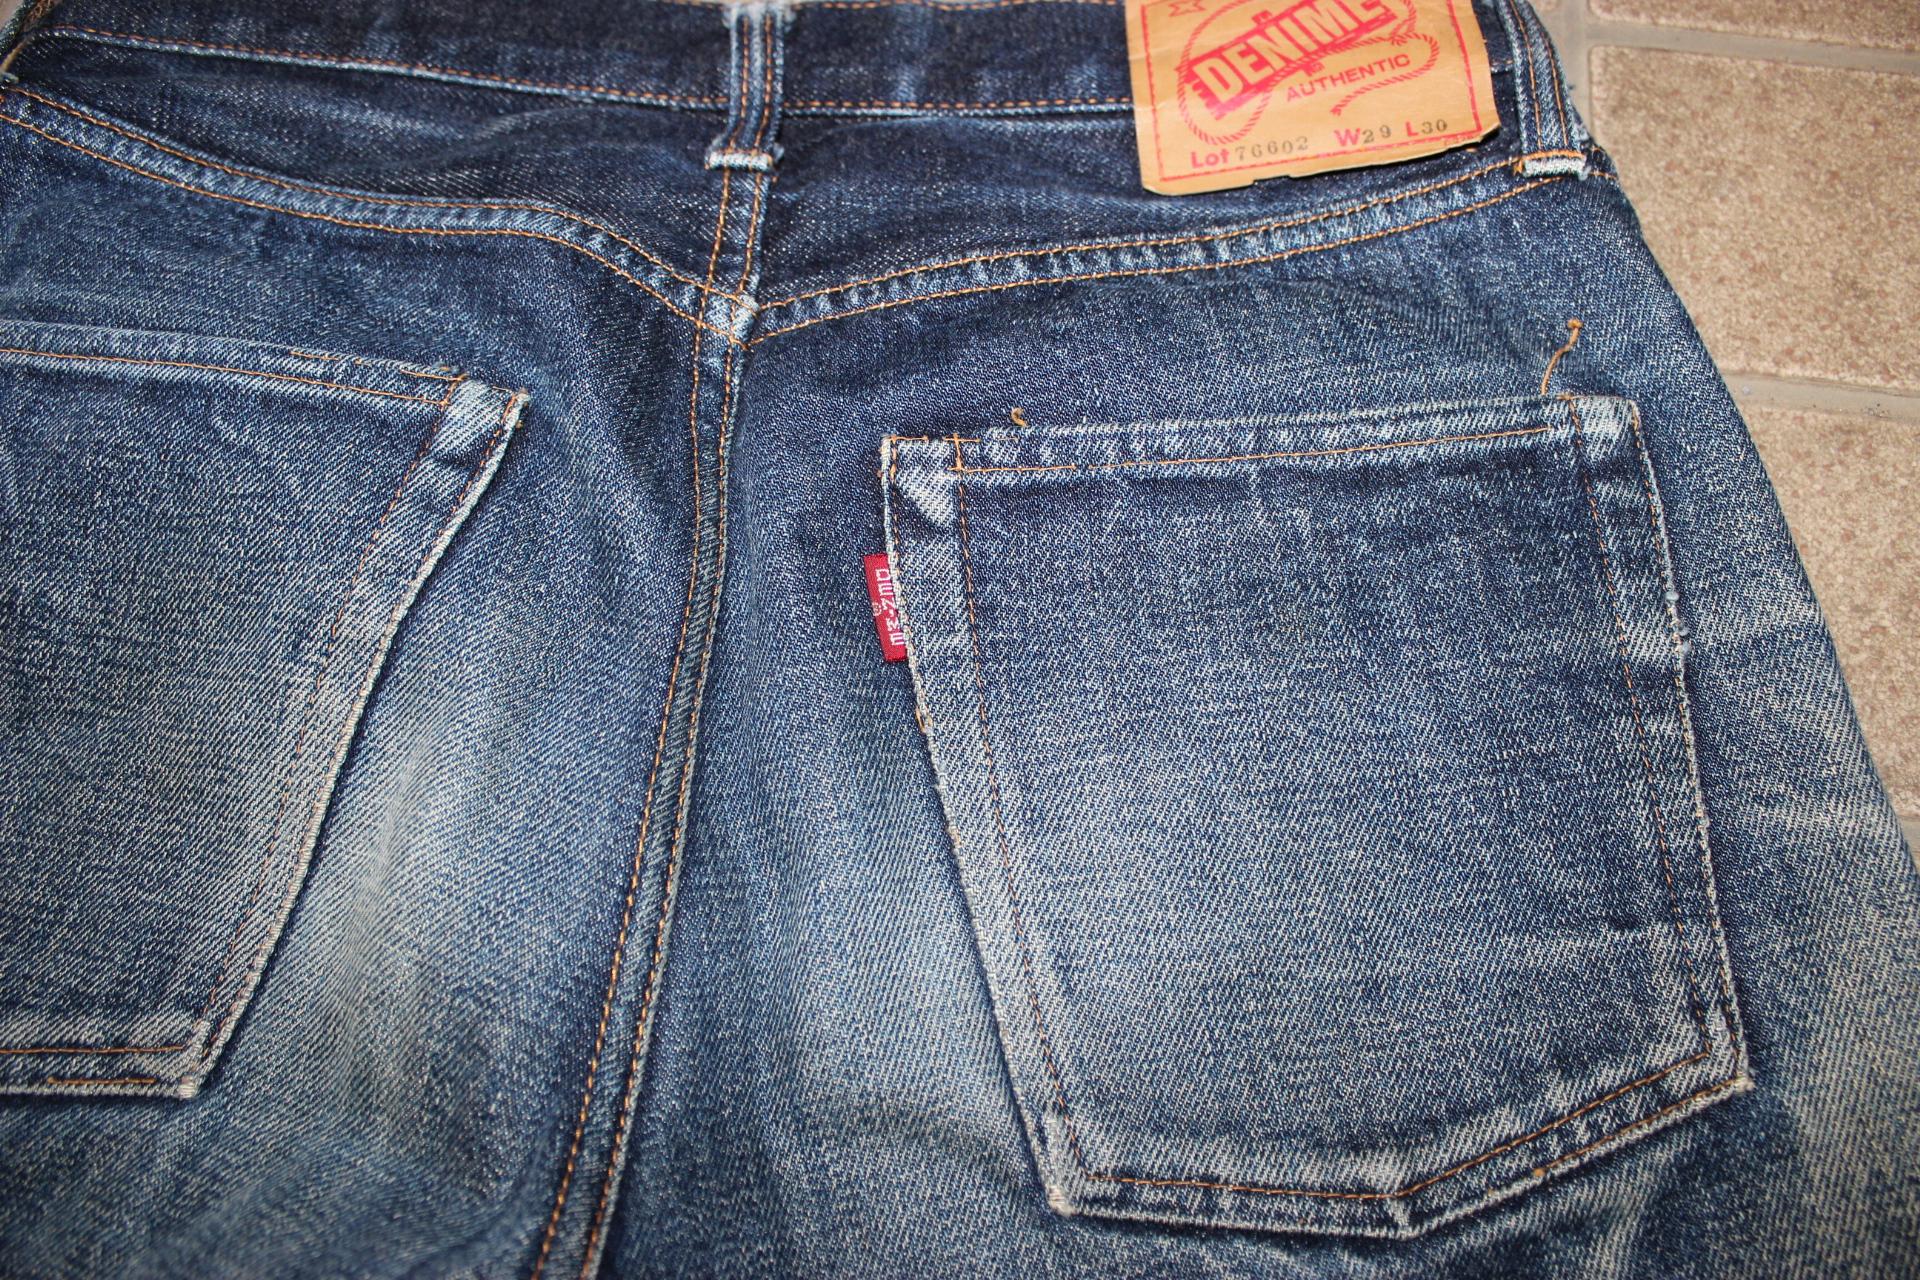 【ドゥニーム(Denime)の色落ち】 DENIME CLOTHING BASICの文字はオリゾンティ社時代のあかし?